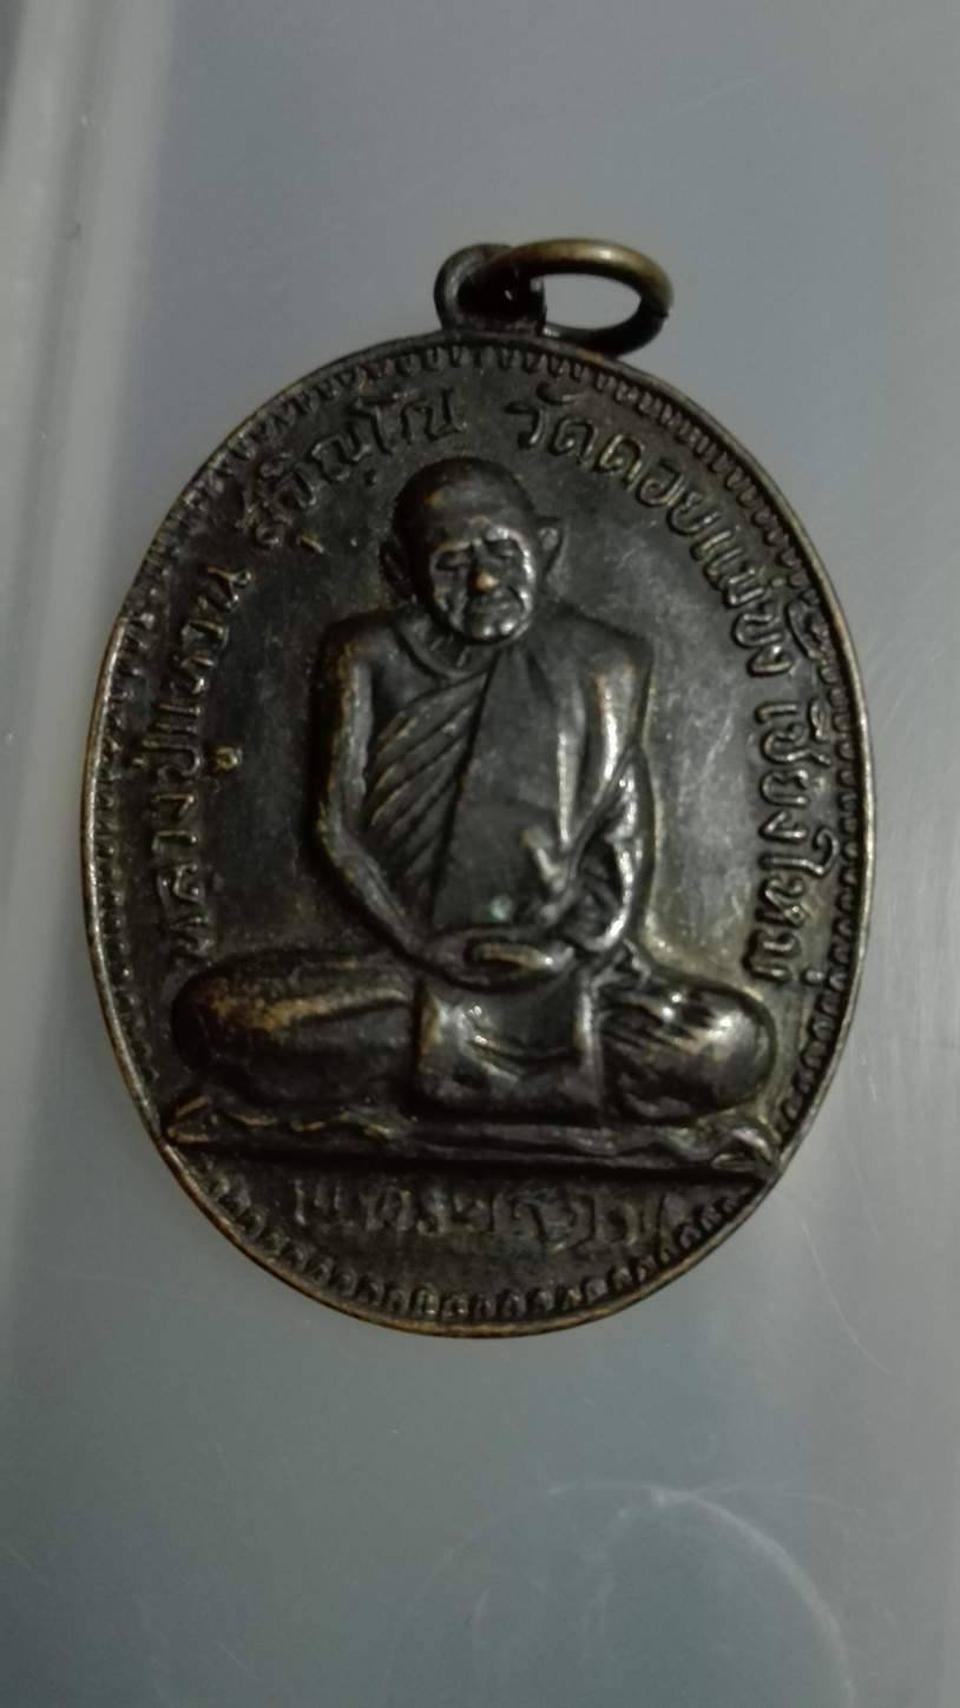 เหรียญหลวงปู่แหวน รุ่นเจดีย์84 ปี2517 วัดดอยแม่ปั๋ง เนื้อนวโลหะ รูปที่ 3